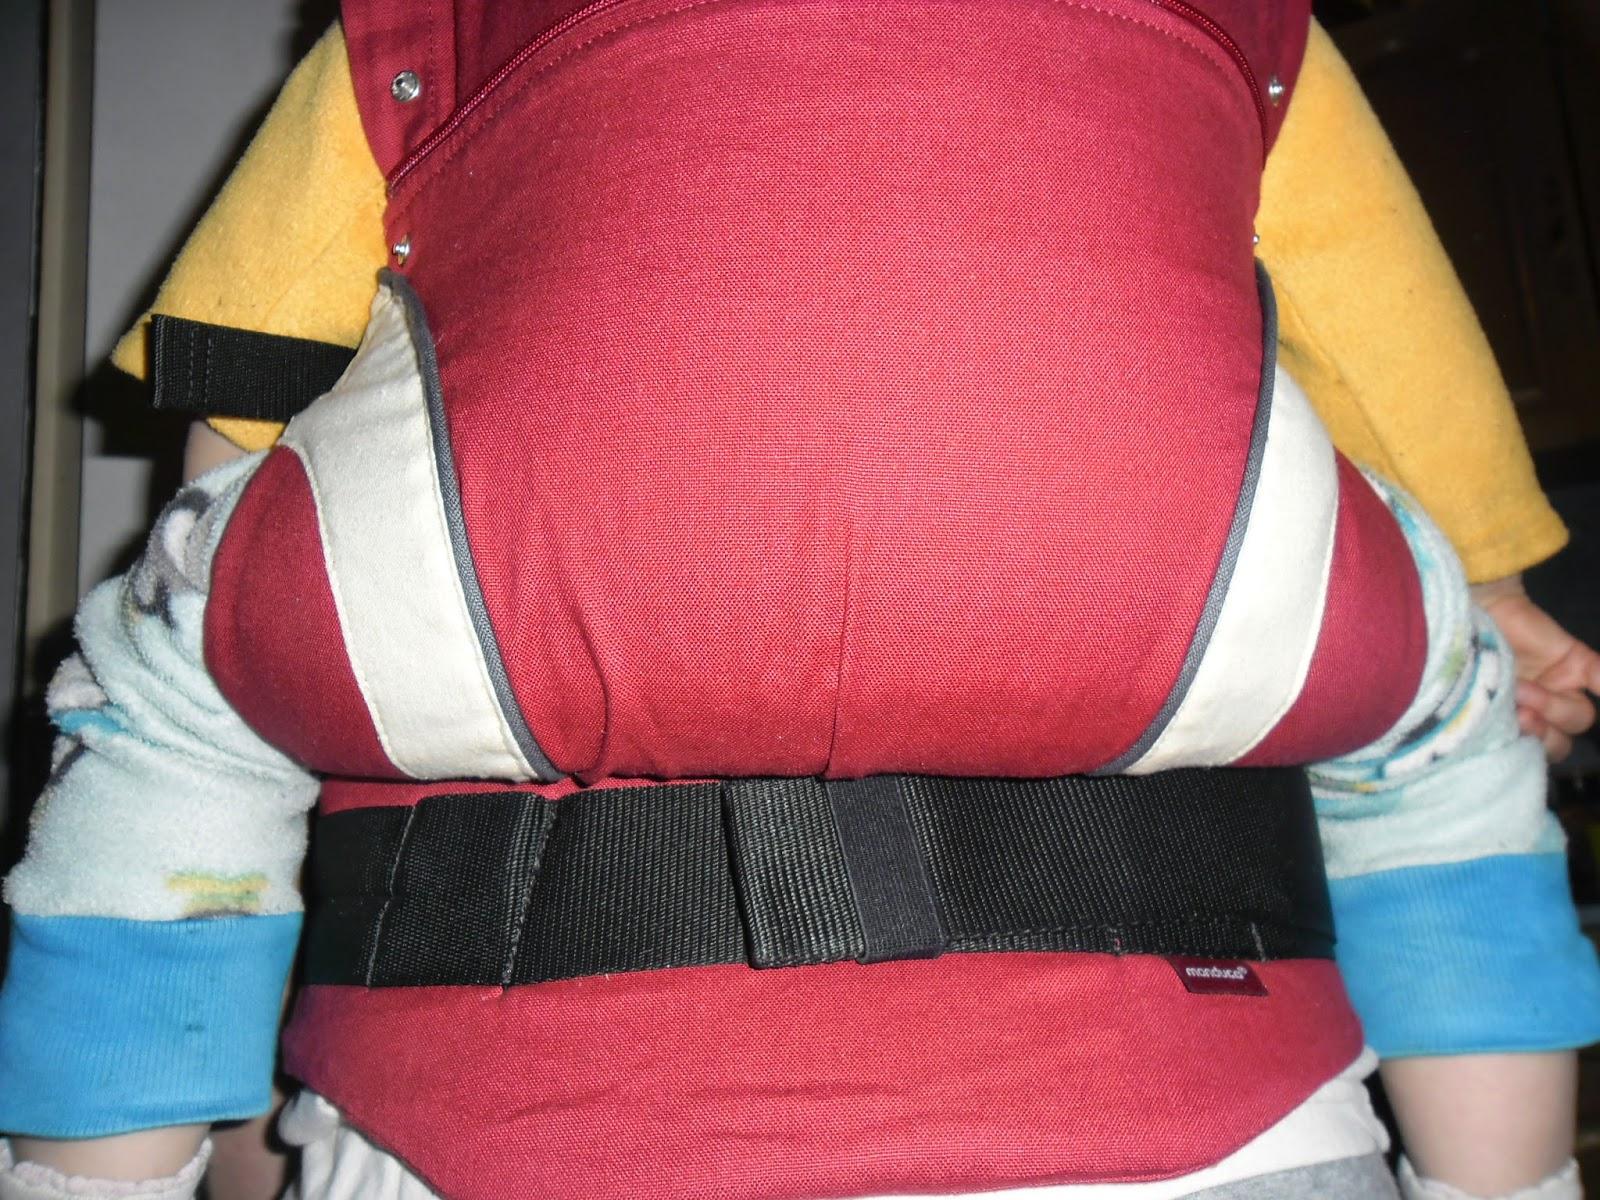 manduca préformé portage porte-bébé ssc fullbuckle porter assise tablier test review détails